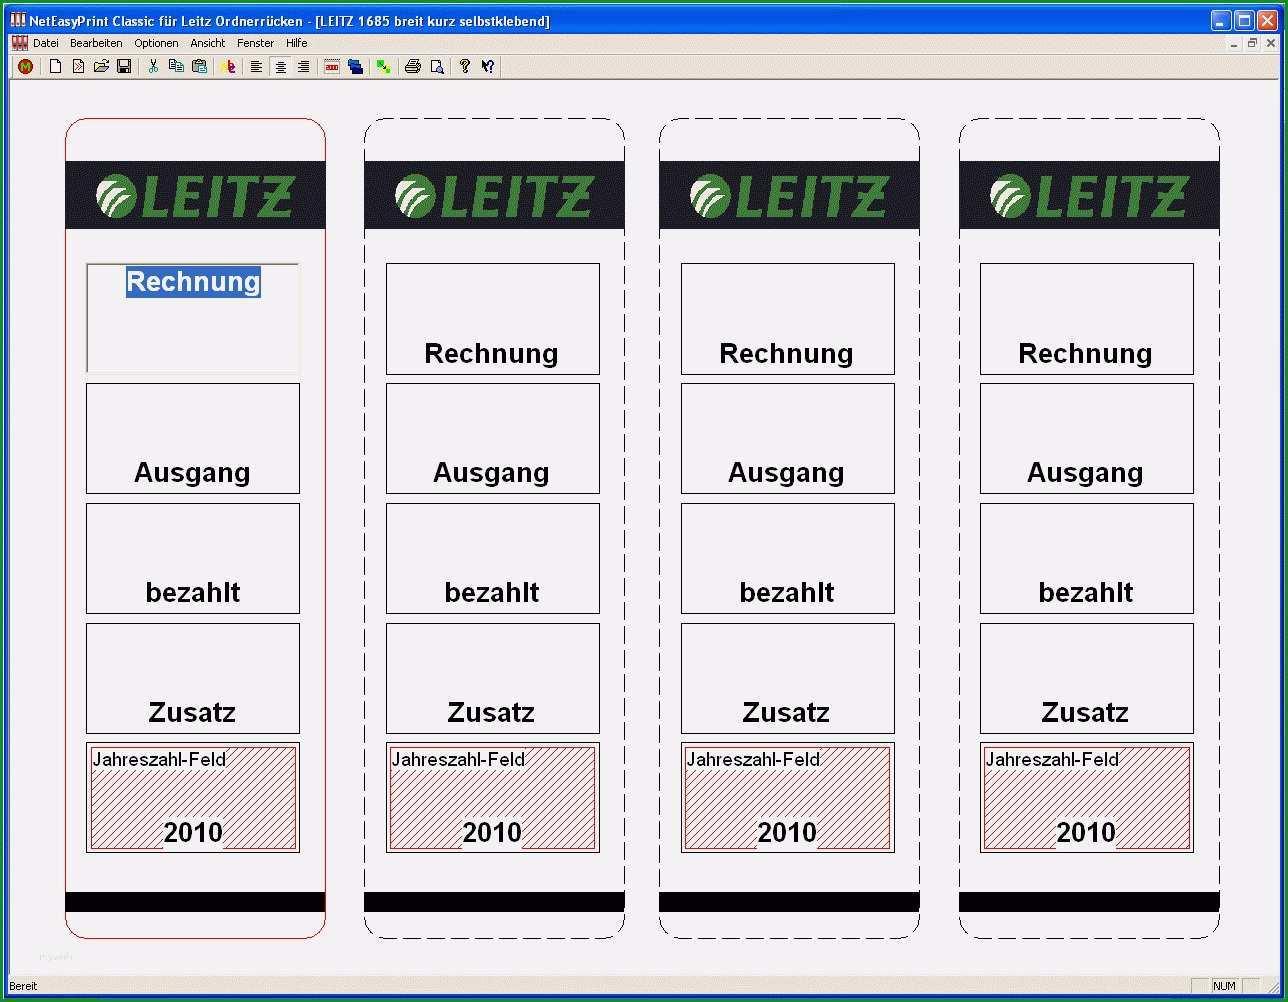 Einzahl Leitz ordner Etiketten Vorlage Word 2010 Schönste